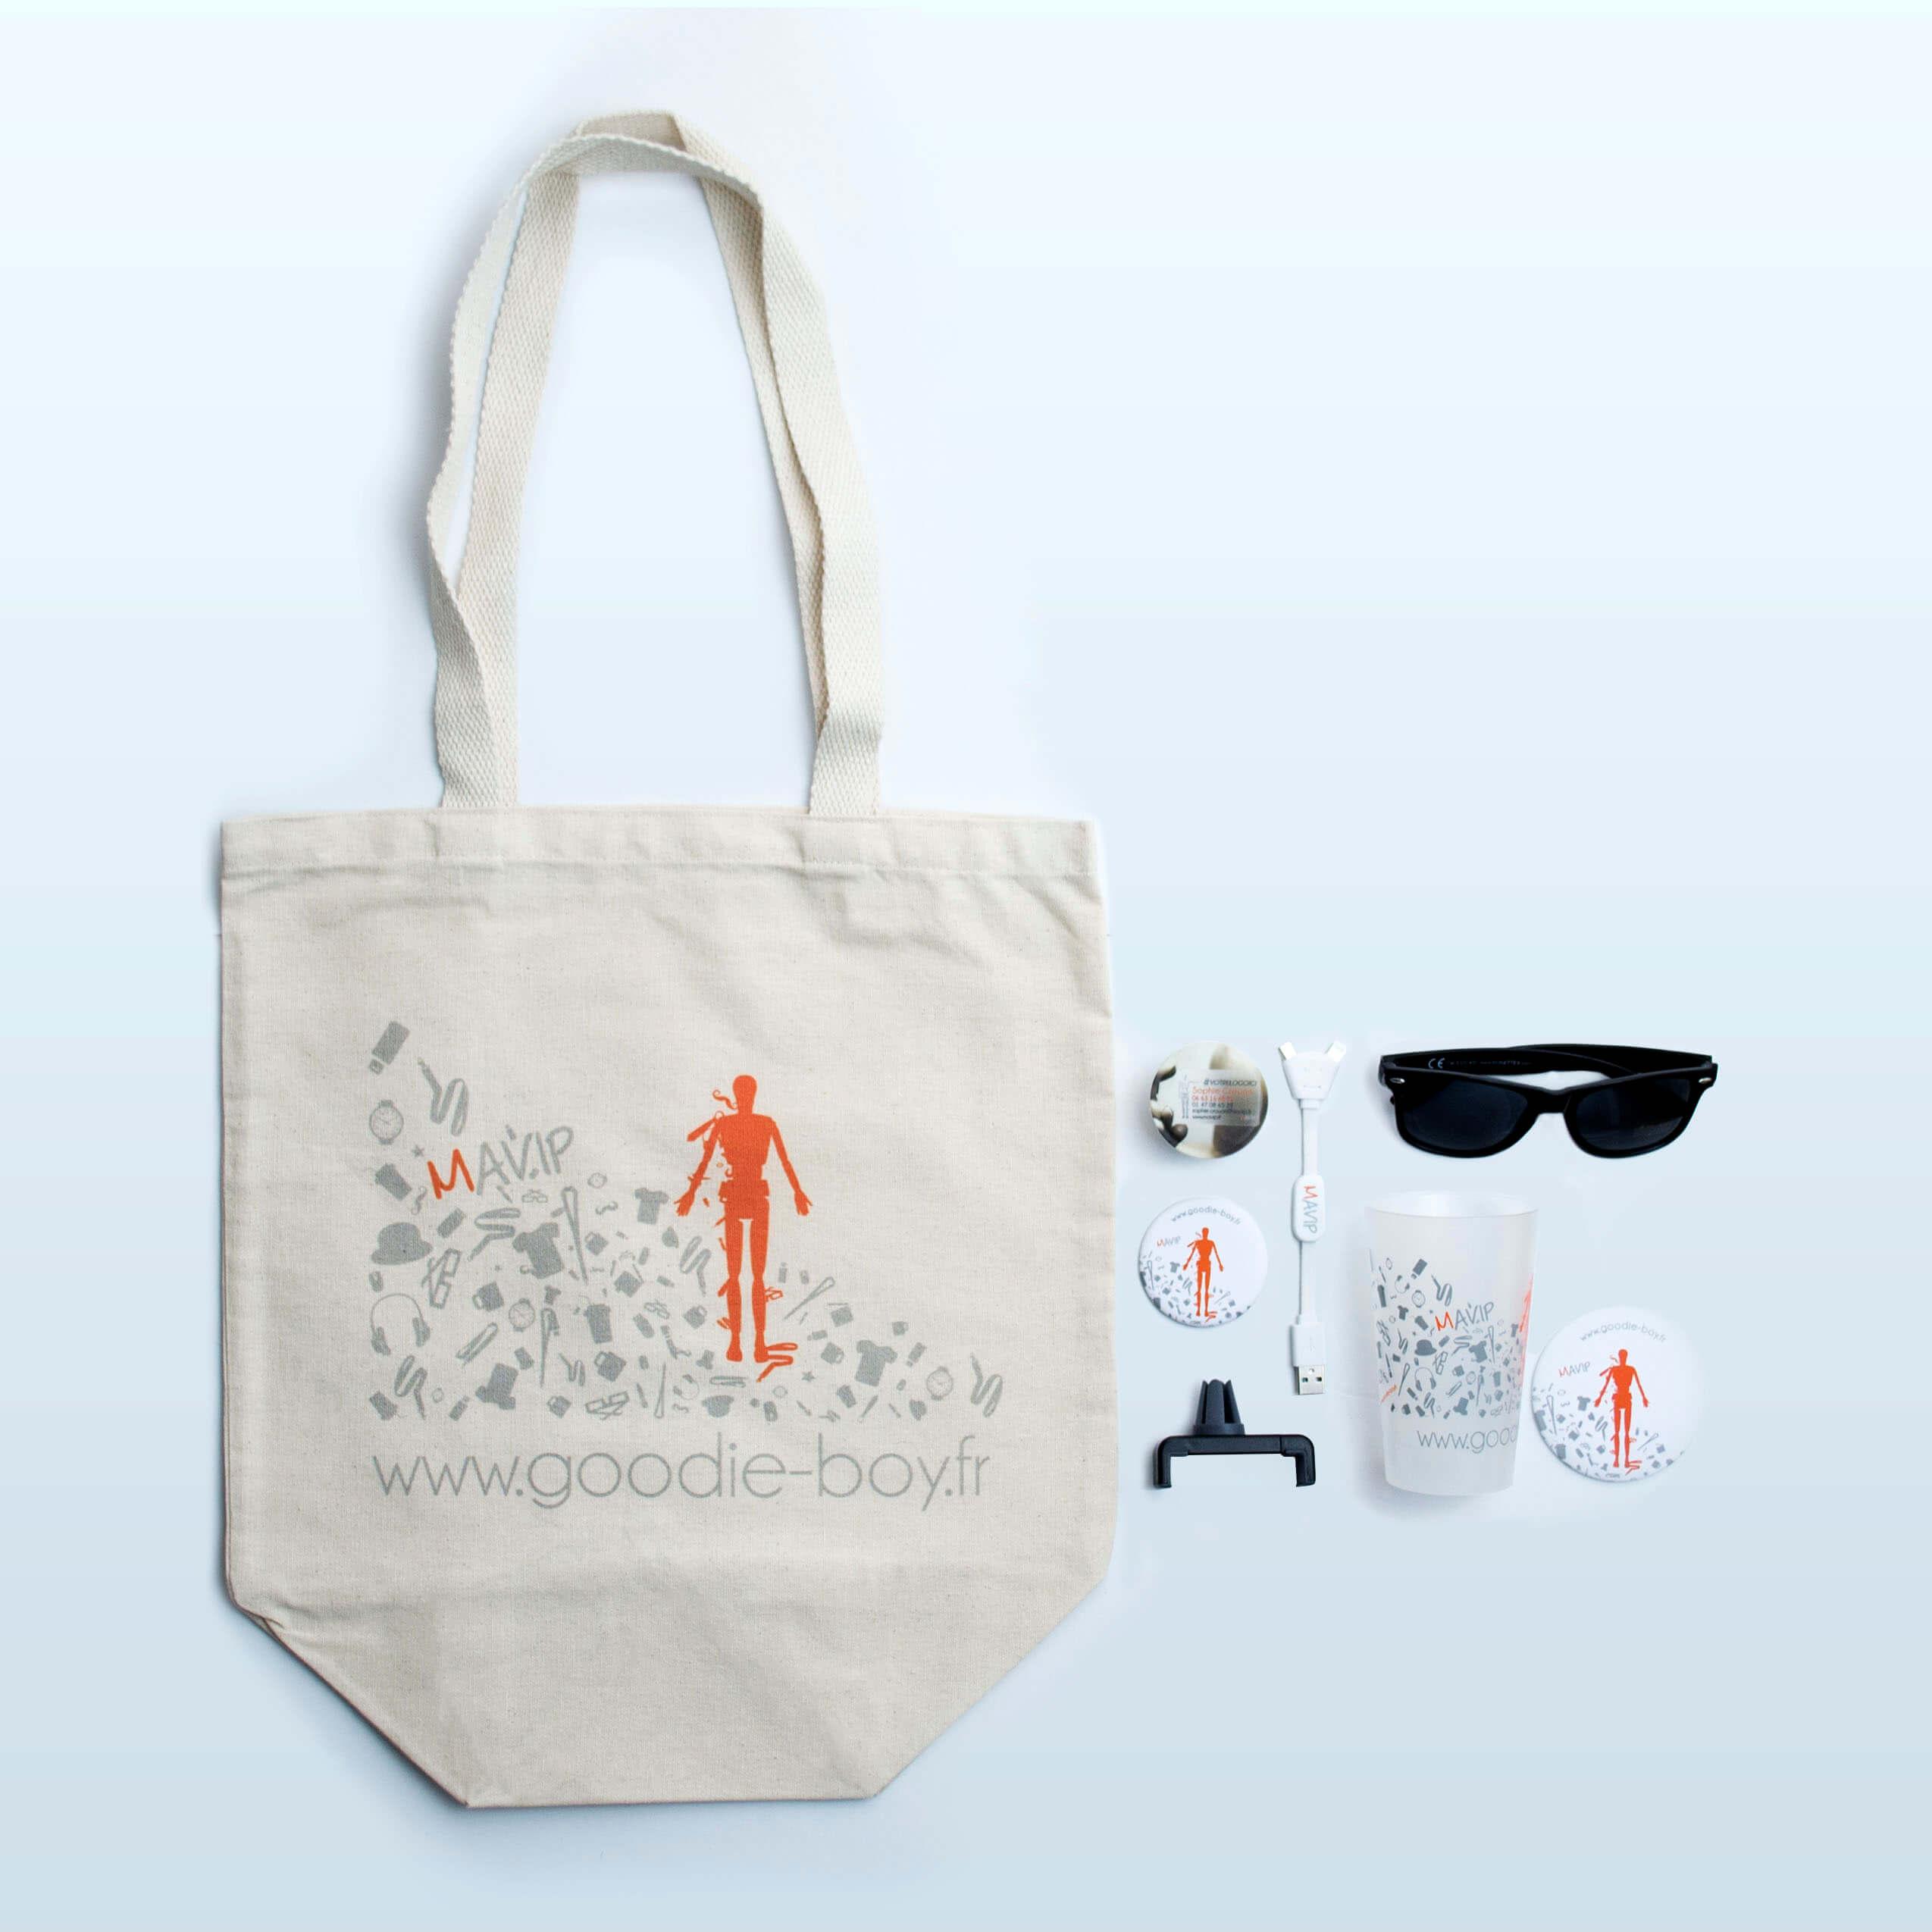 Collection de goodies personnalisables et personnalisés avec logo par Mavip